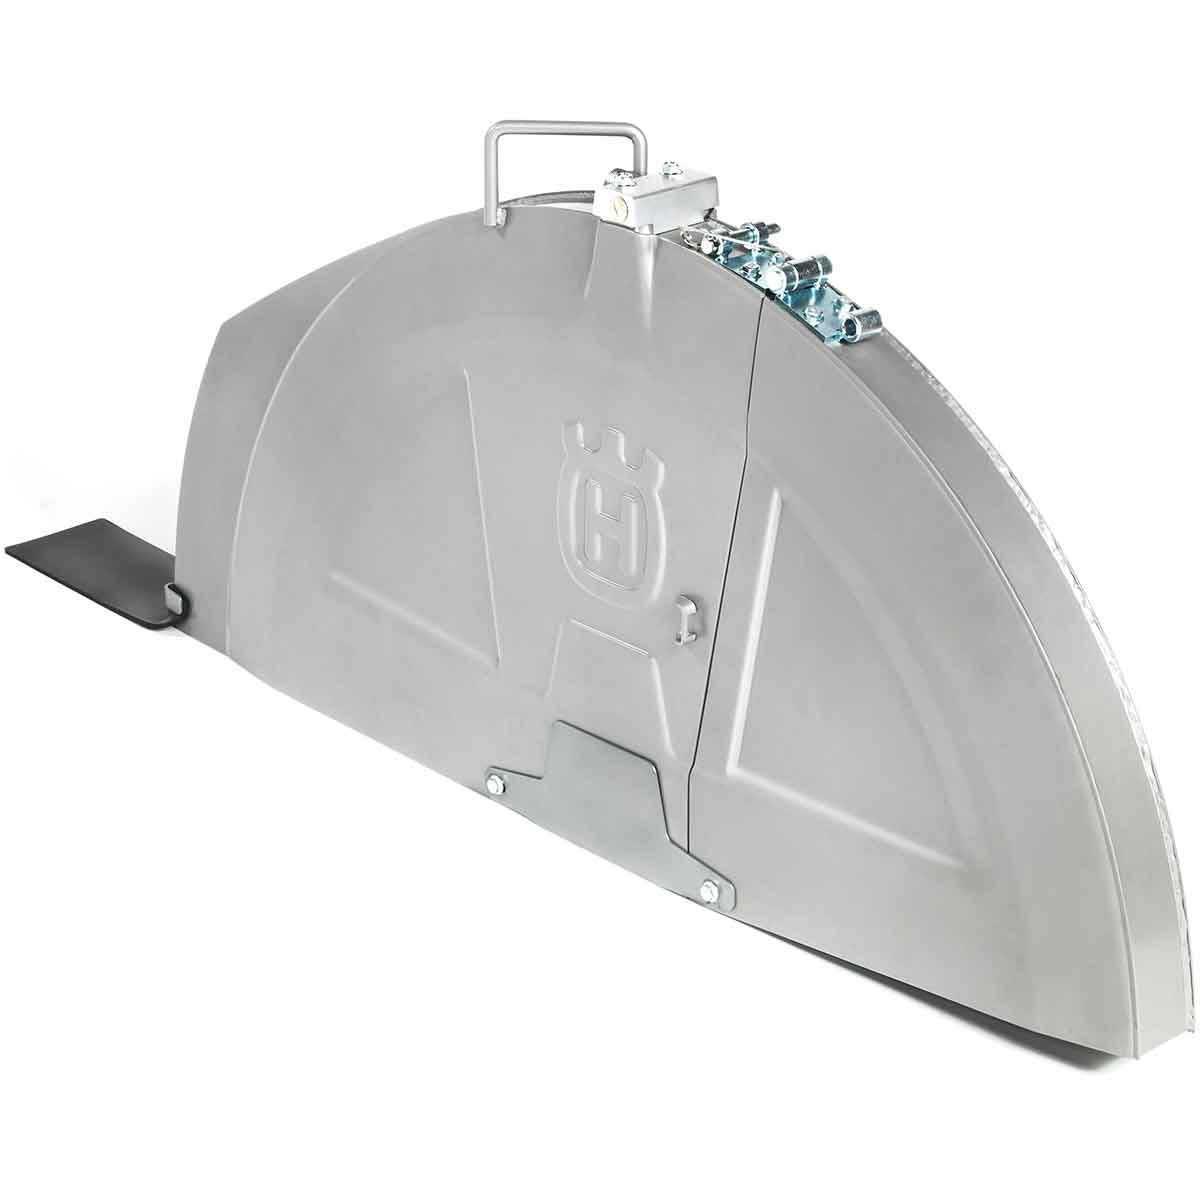 Husqvarna FS 7000 blade guard